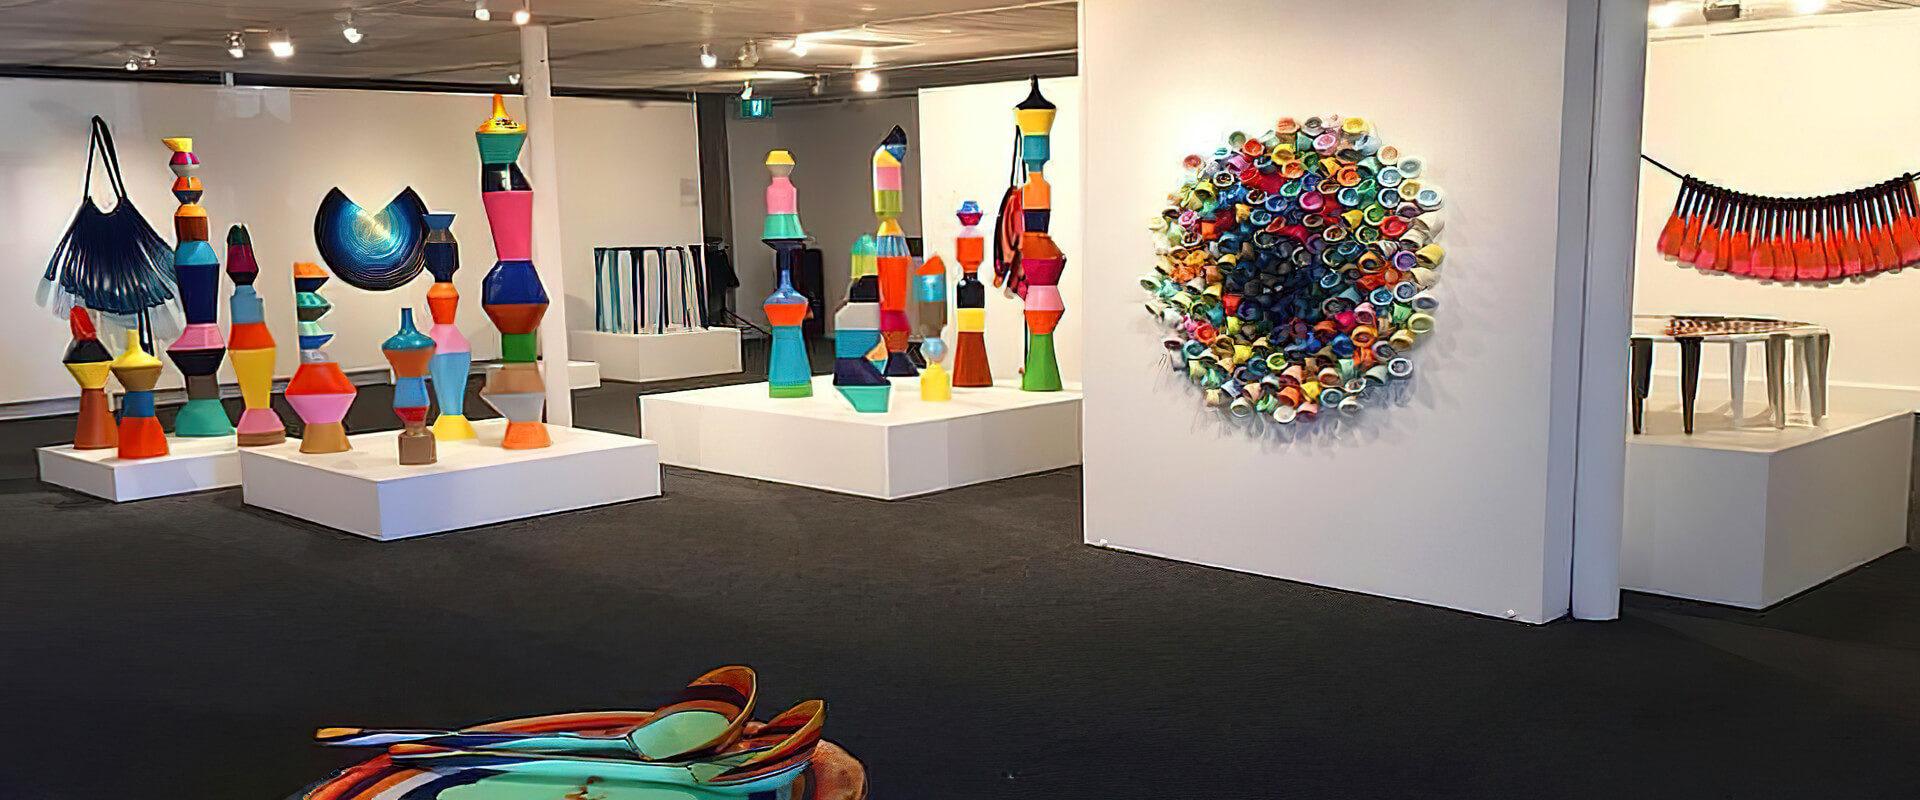 Bega Gallery, Bega Valleys